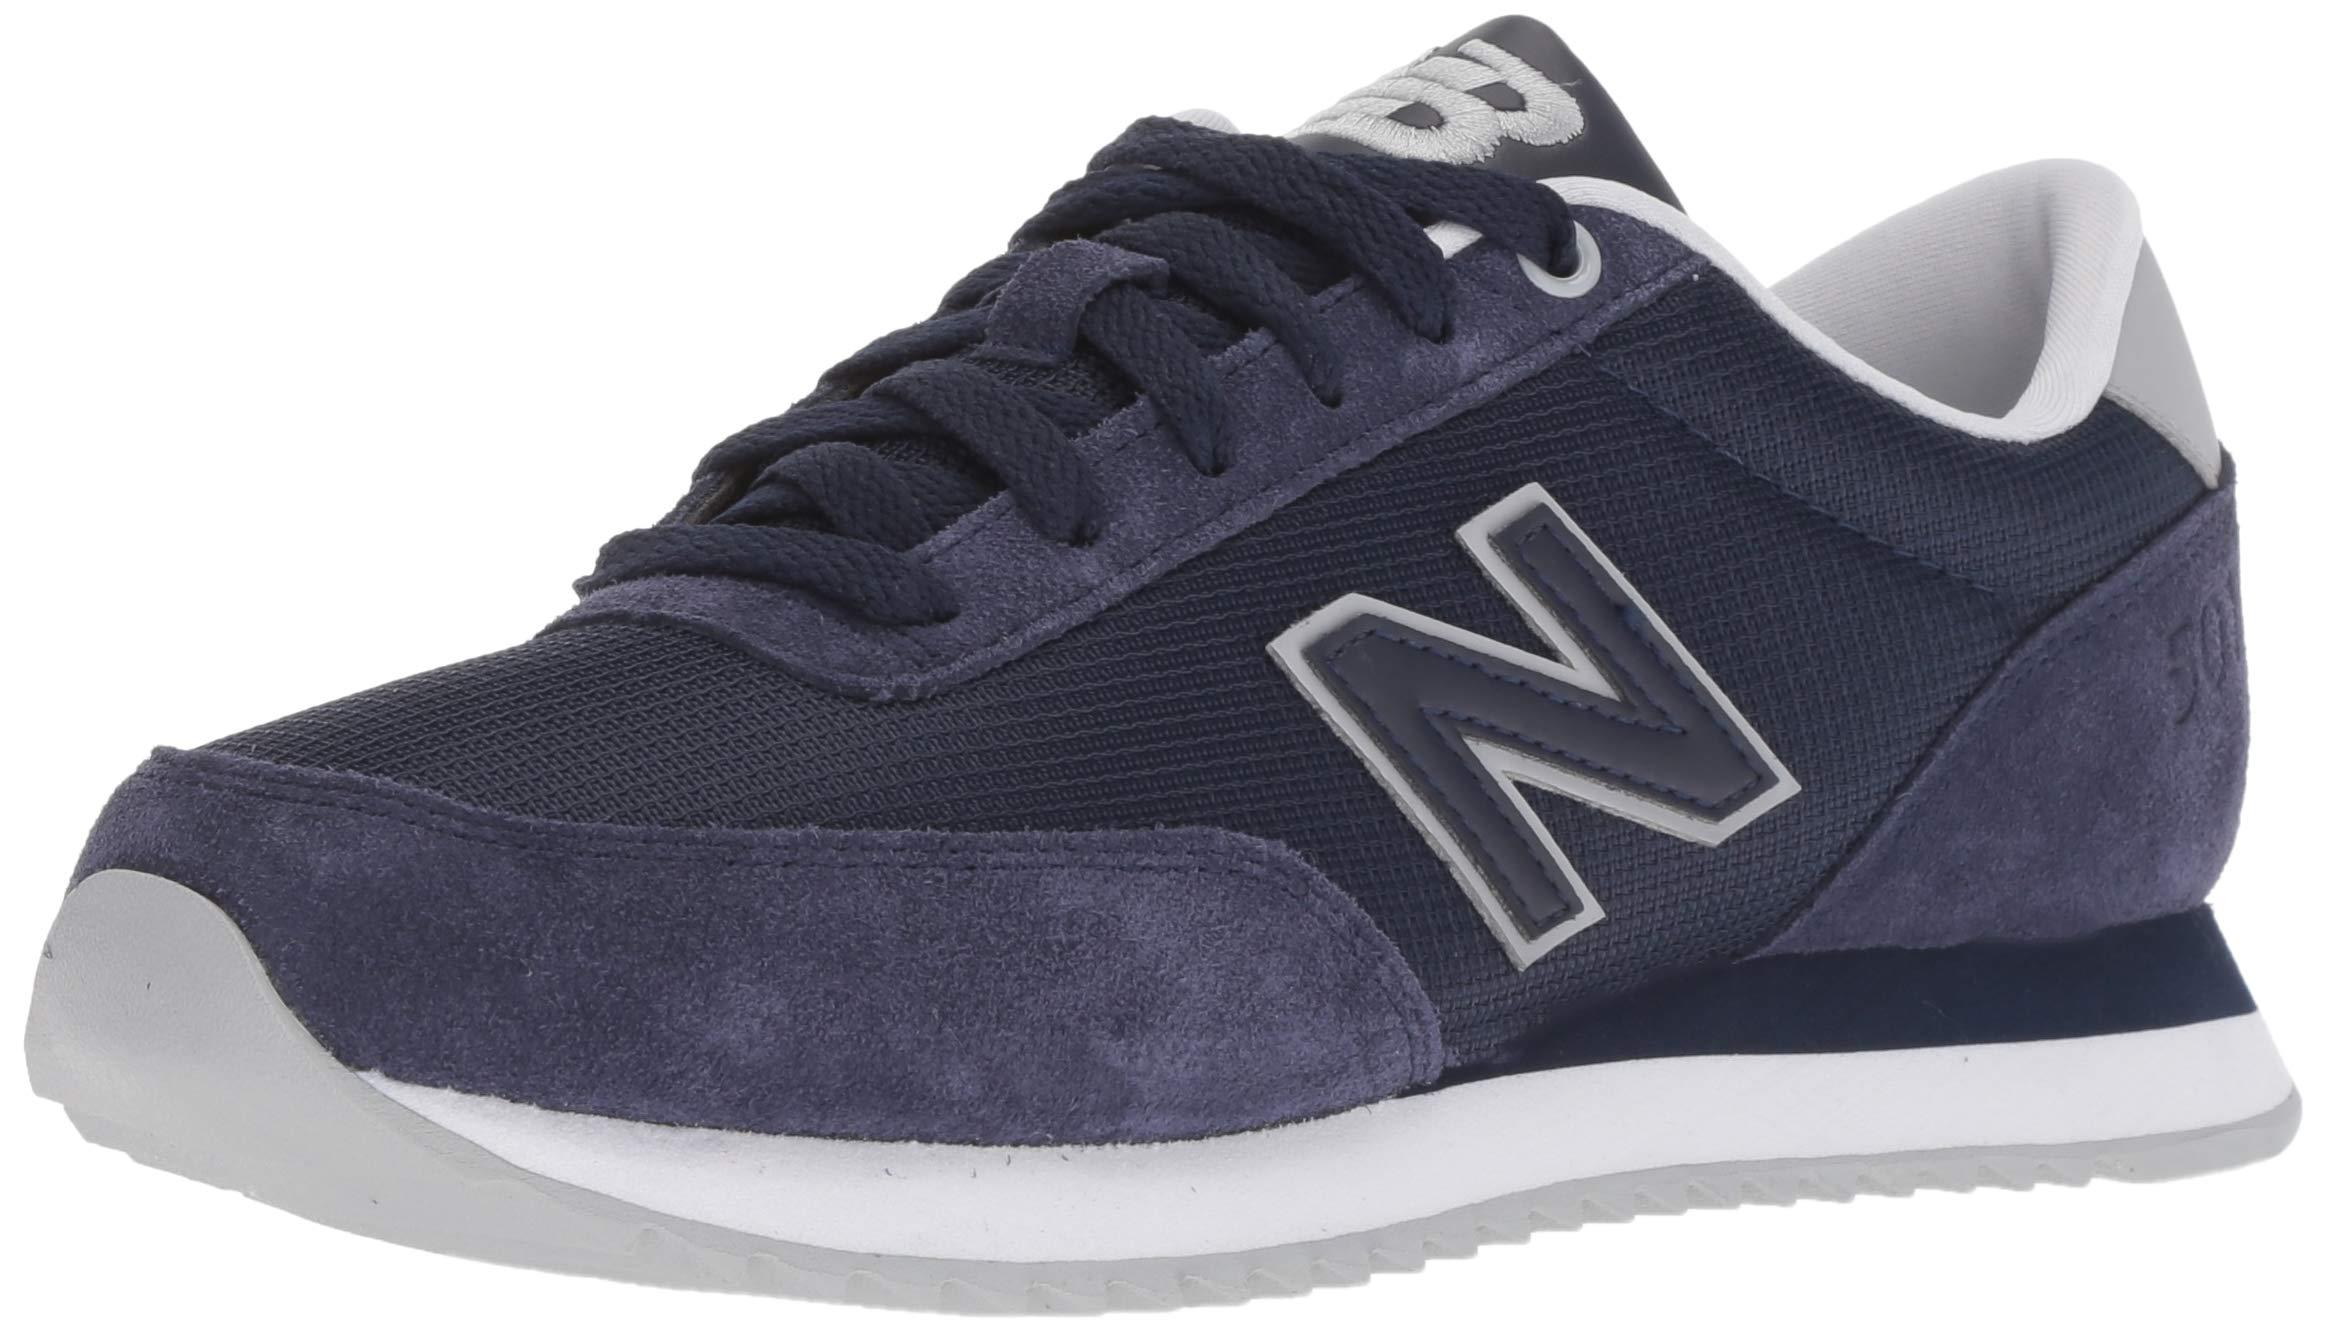 New Balance Women's 501v1 Sneaker, Navy, 8 B US